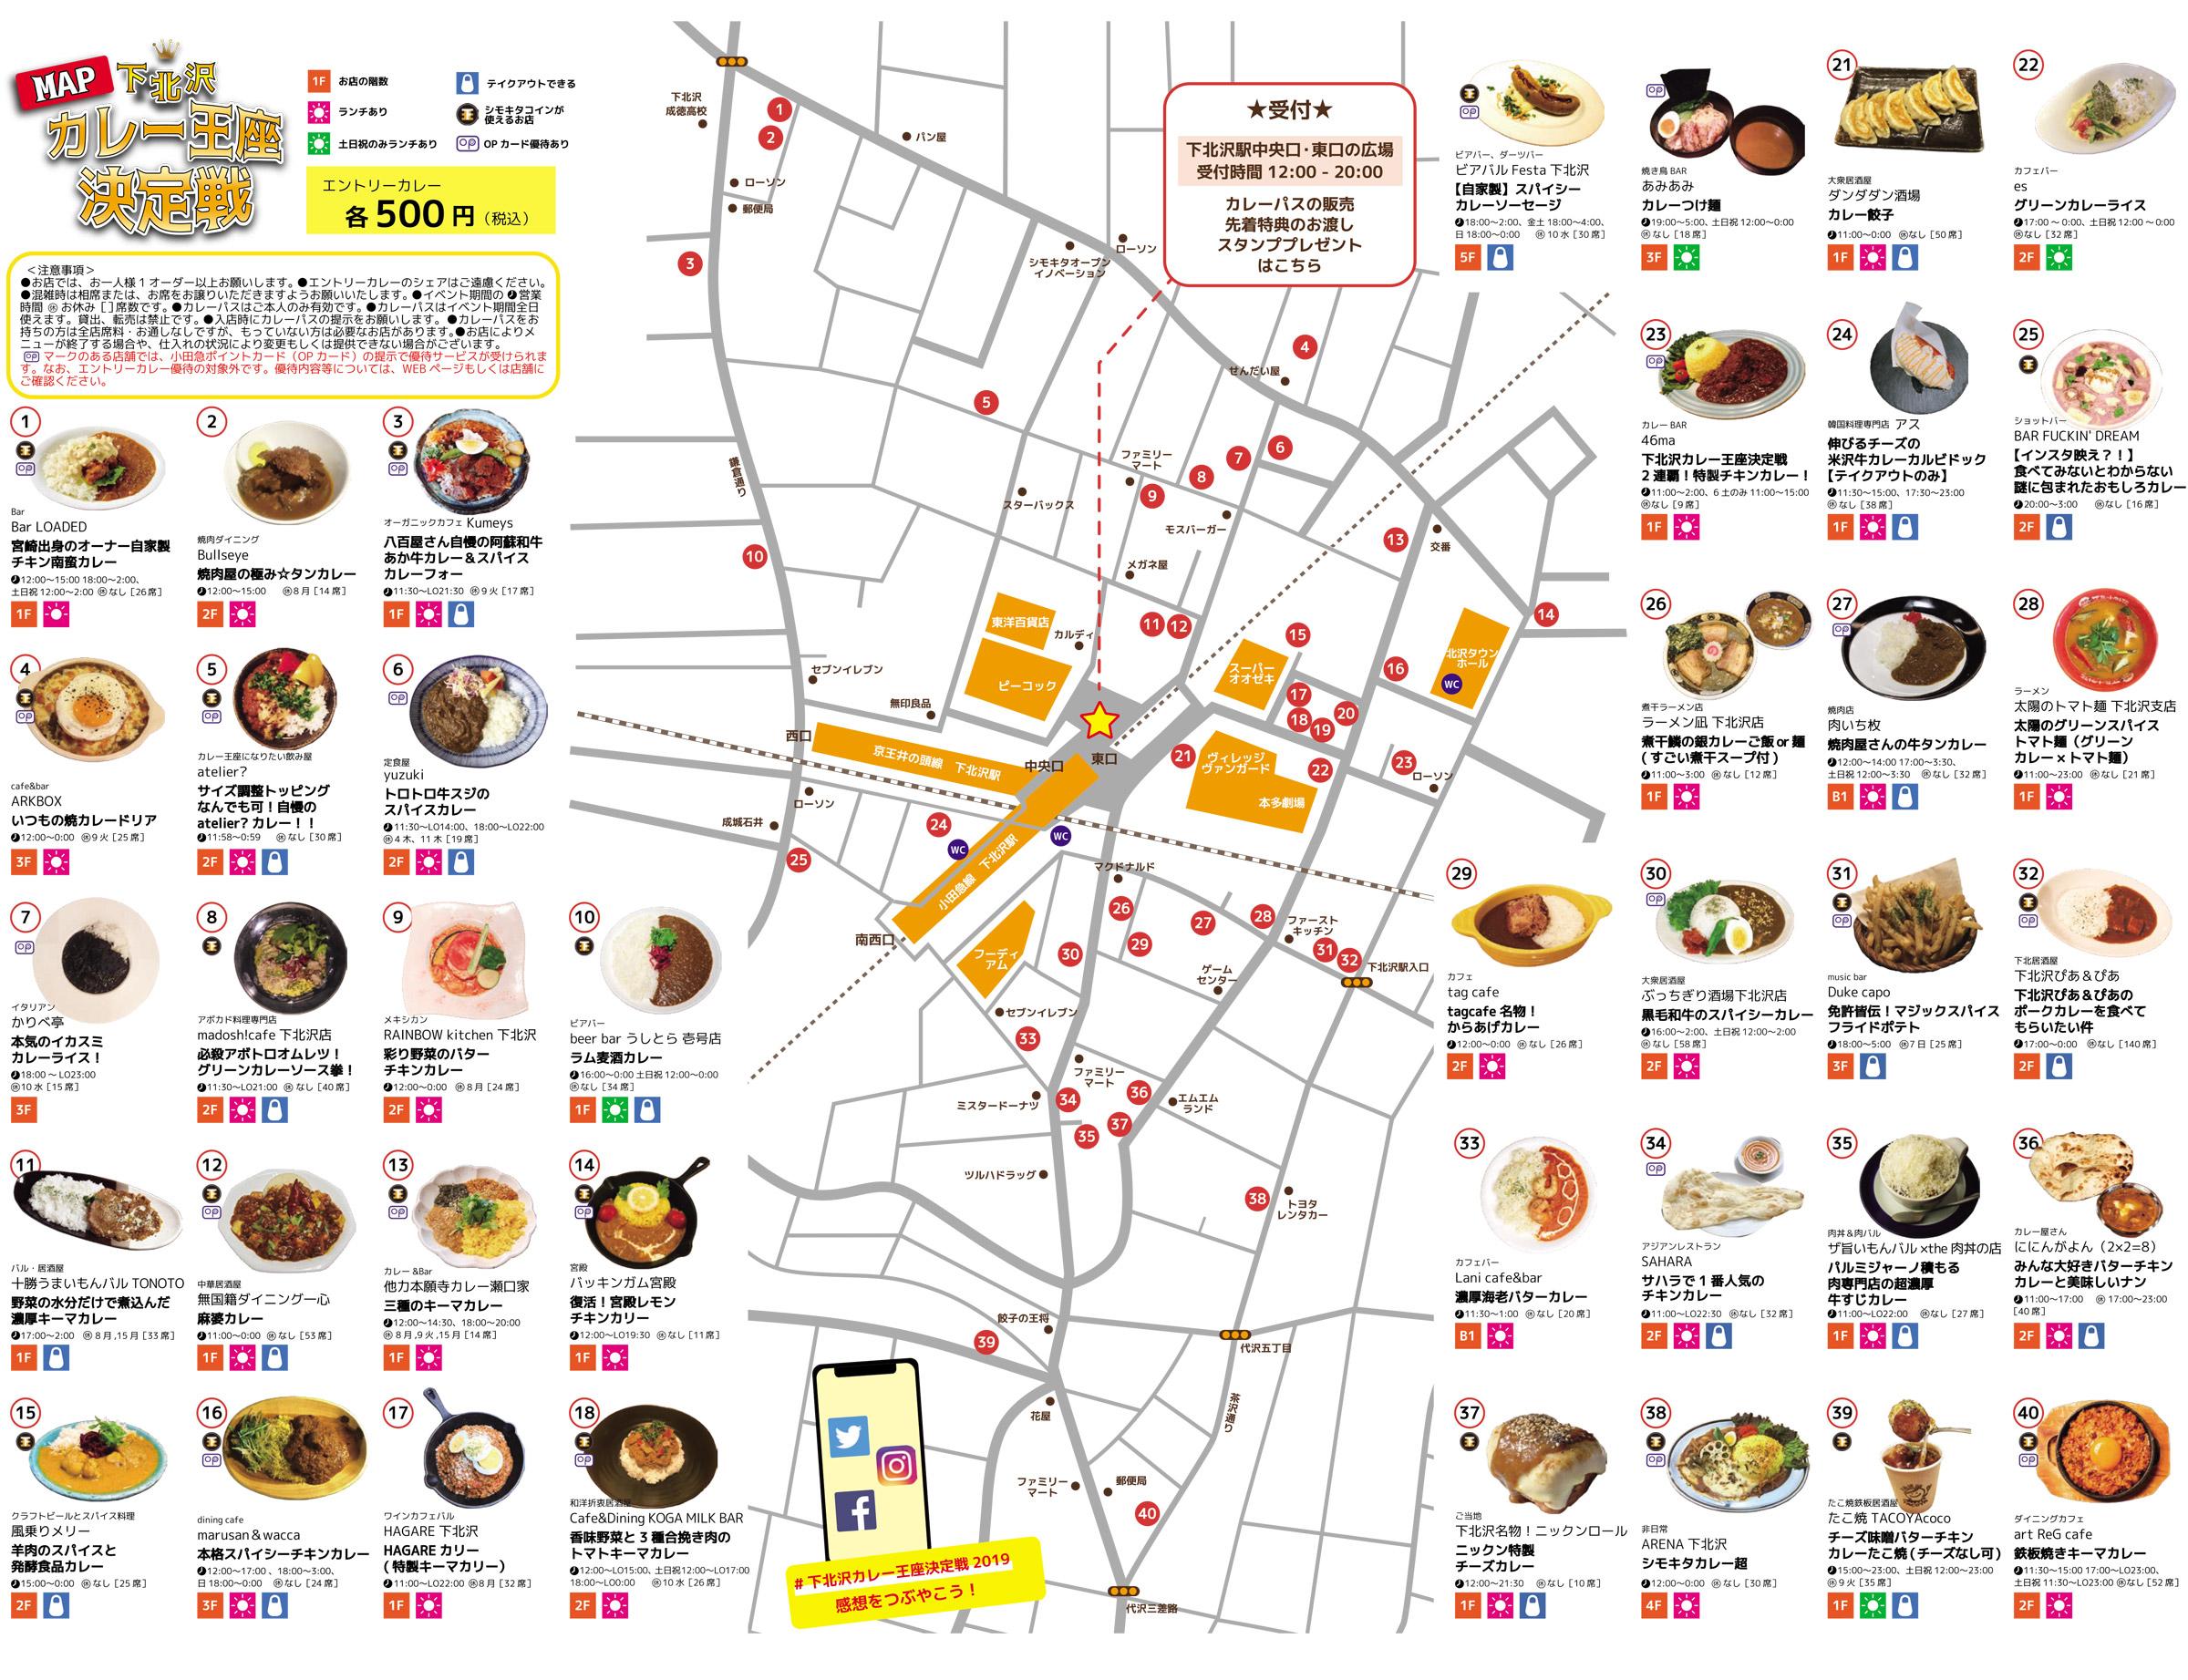 『下北沢カレー王座決定戦2019』参加店舗MAP ※クリックで拡大